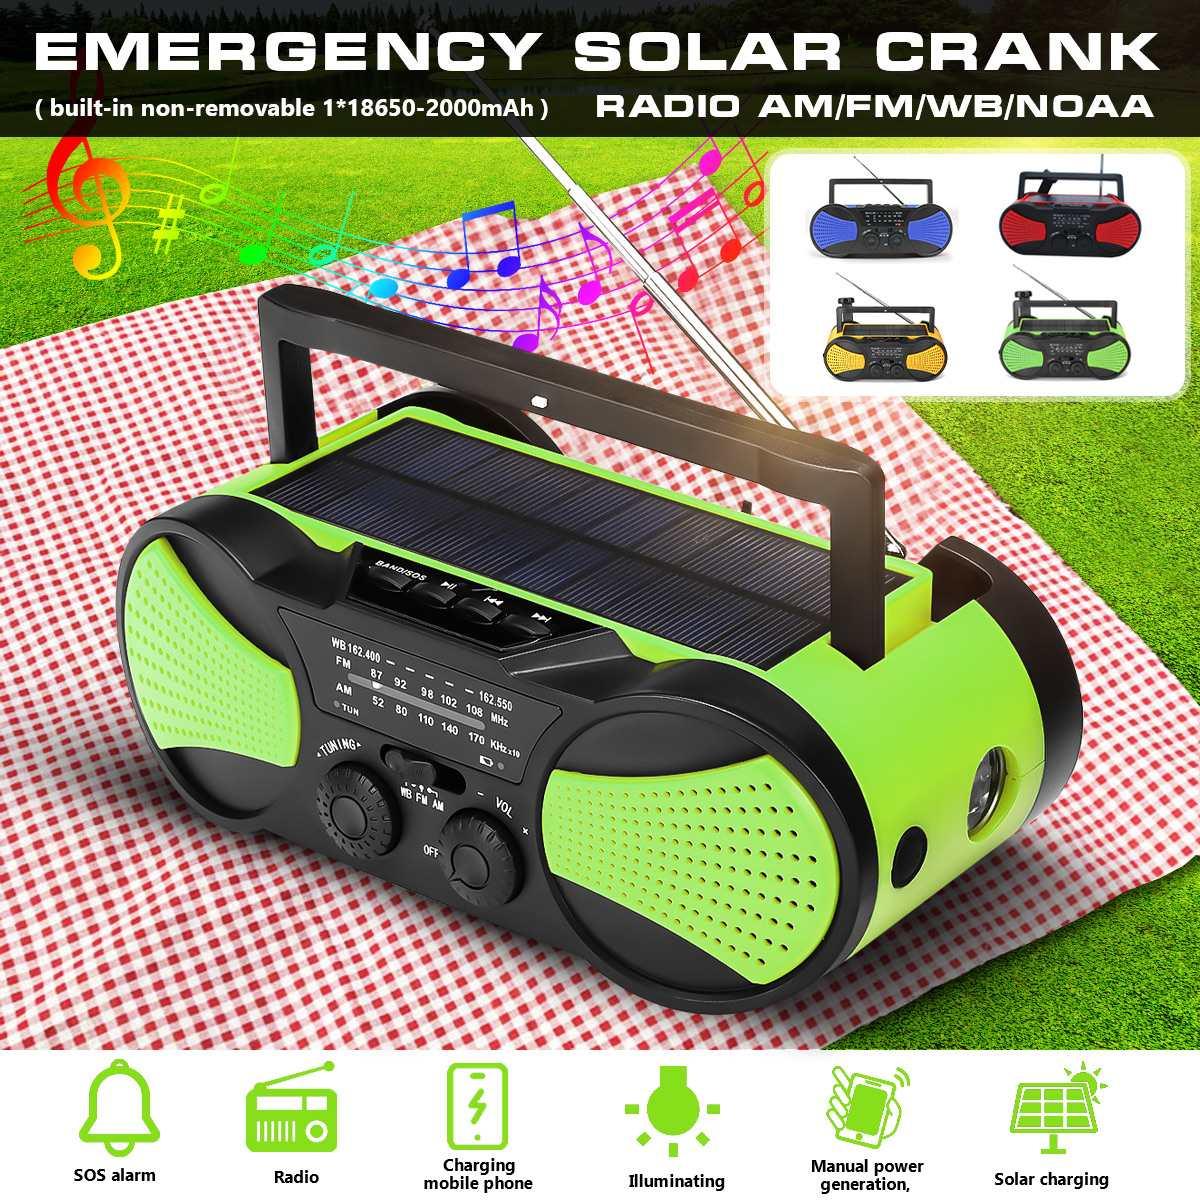 Chargeur portatif de secours de manivelle de WB d'énergie solaire manivelle auto-alimentée Radio portative de temps d'am/FM 2000 mAh Rechargeable